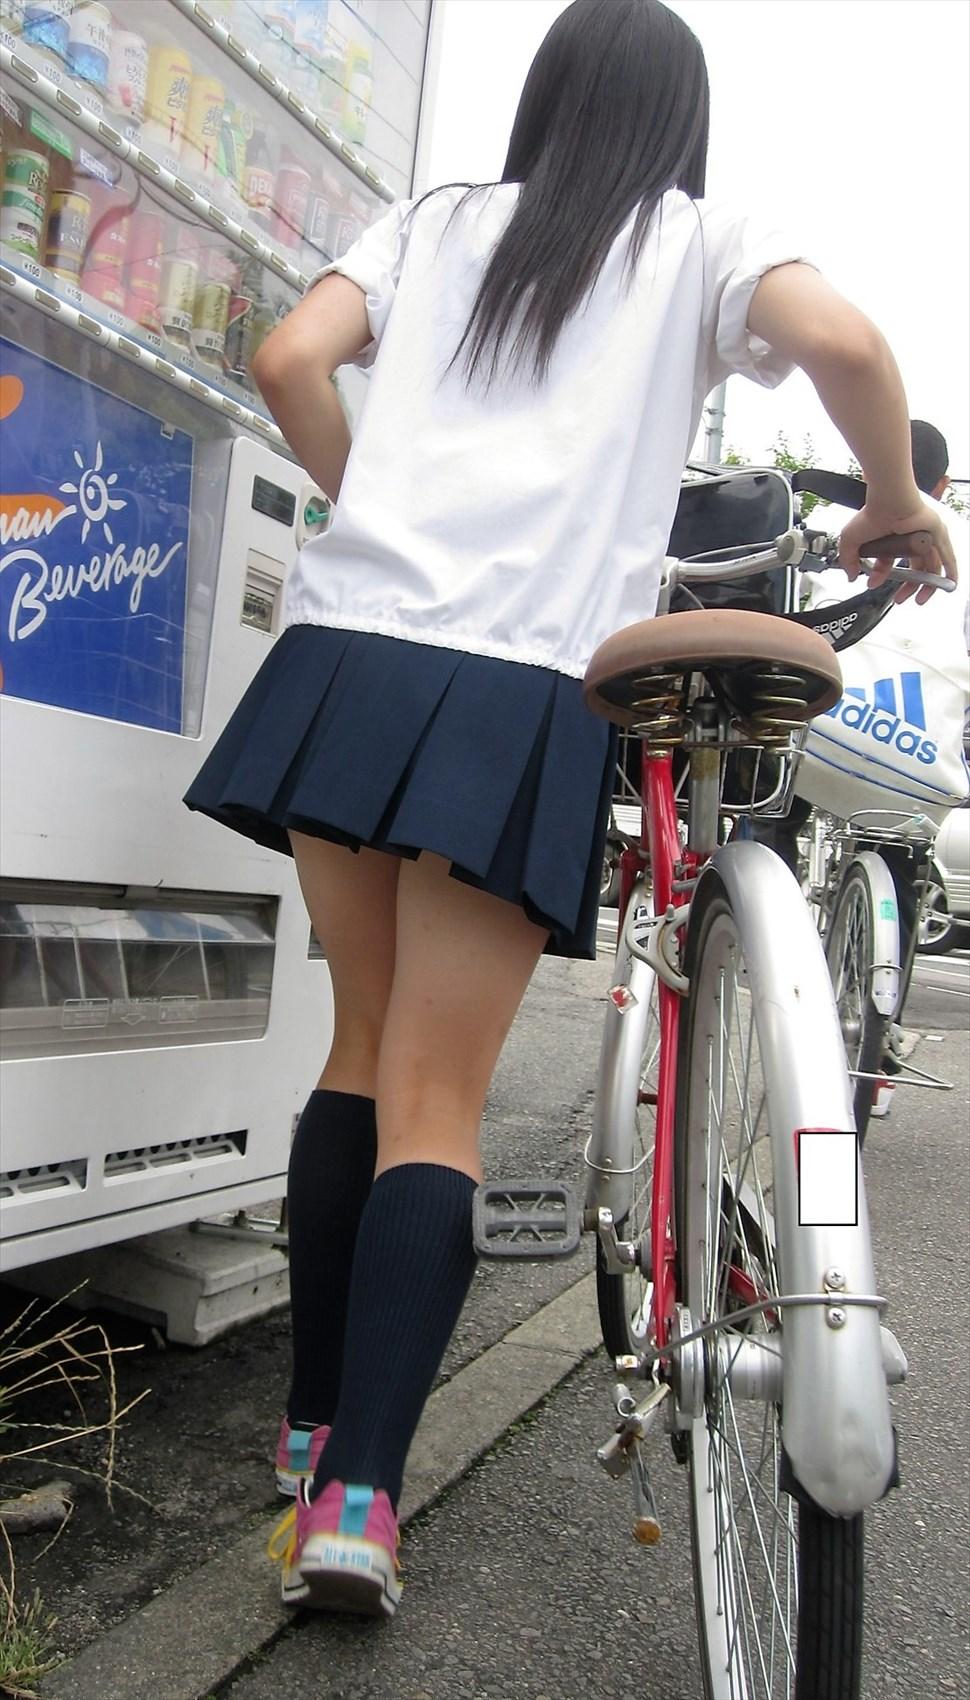 【街撮りJKエロ画像】盗撮されてるなんて夢にも思わない女子高生の自然体がなぜかそそる街撮り画像 その15